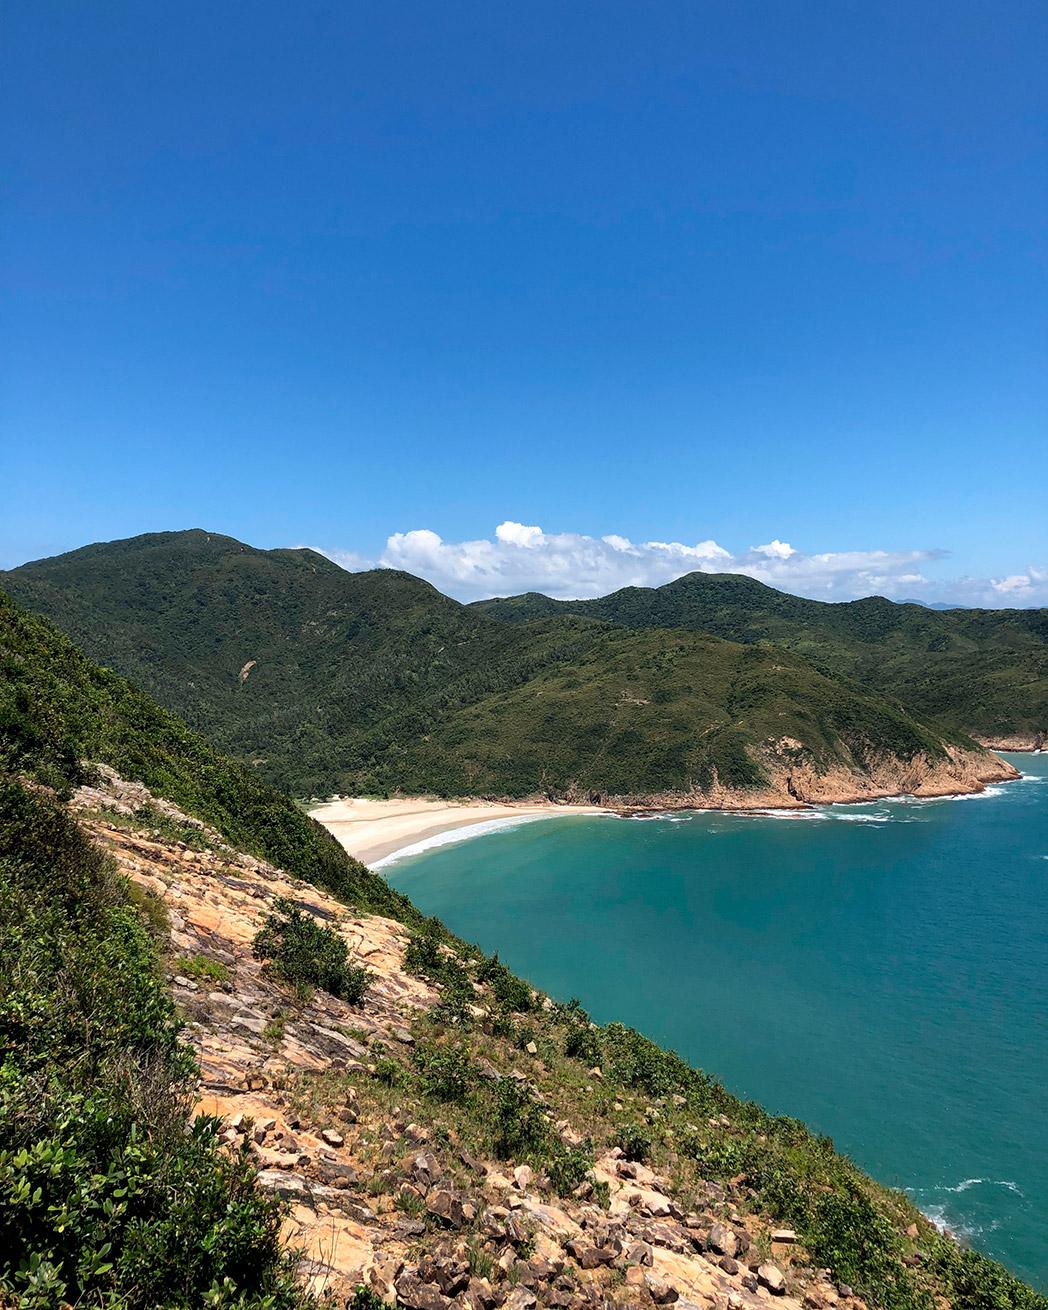 Long Ke Wan Beach, Hong Kong, China. Photo by Julien Heron